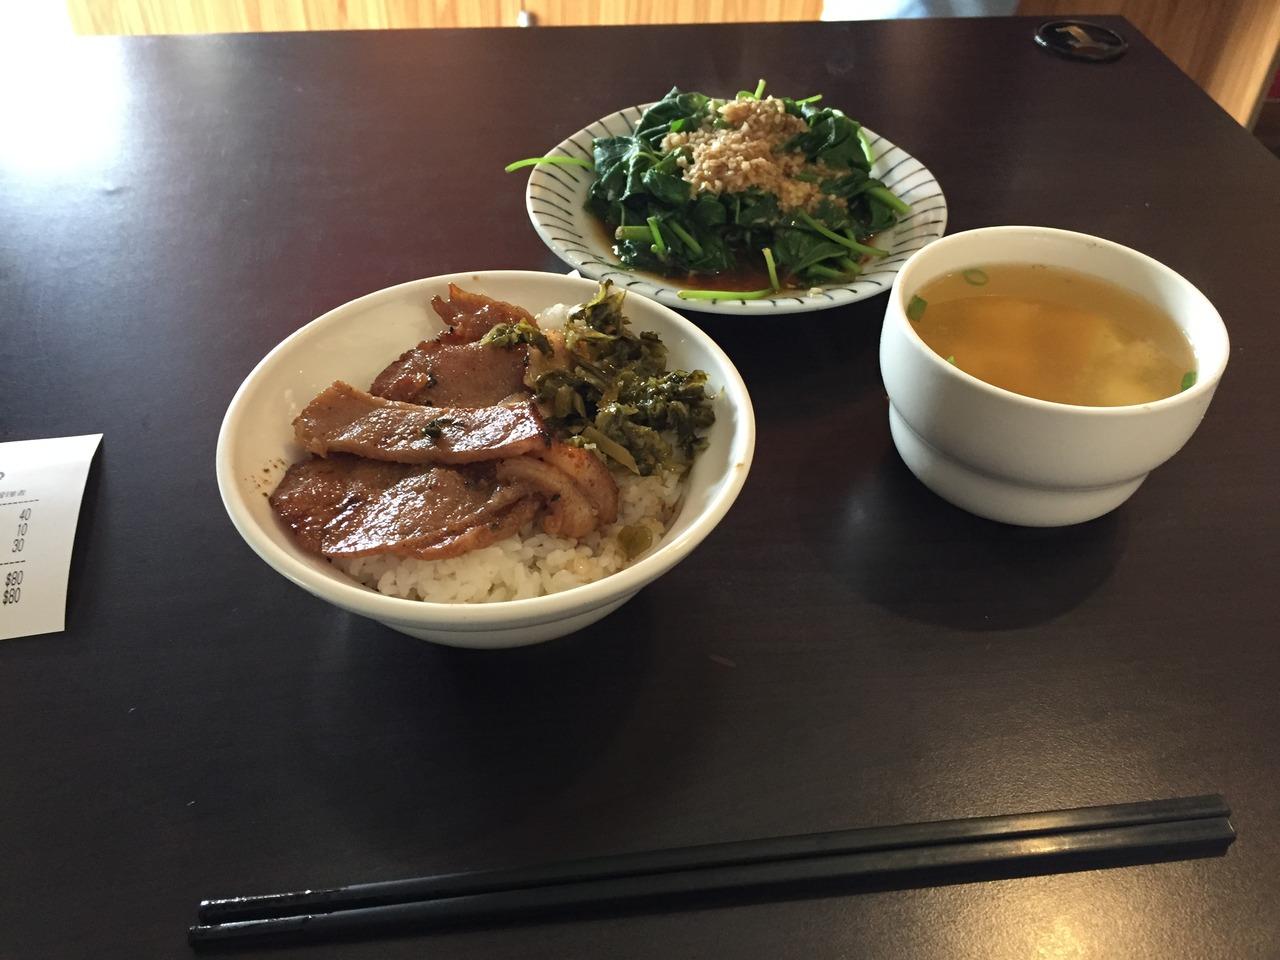 博義師焼肉飯 (自由店)